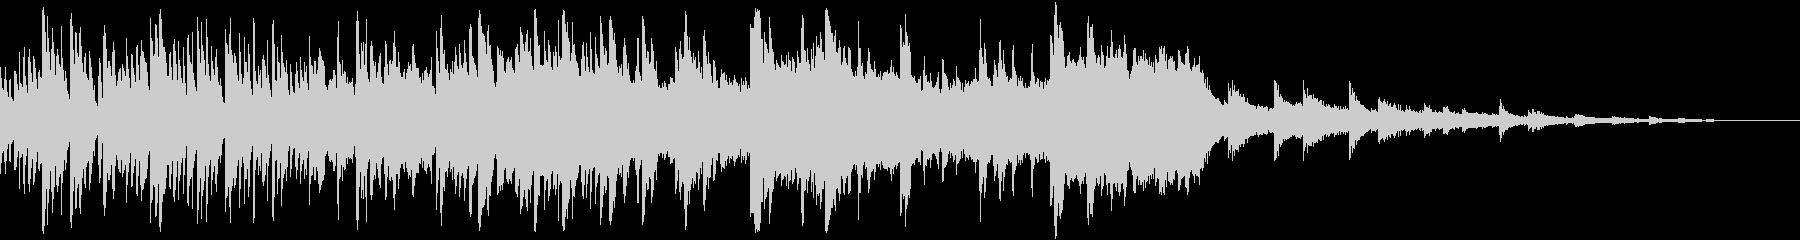 ノスタルジックなハープの音色が幻想的な曲の未再生の波形